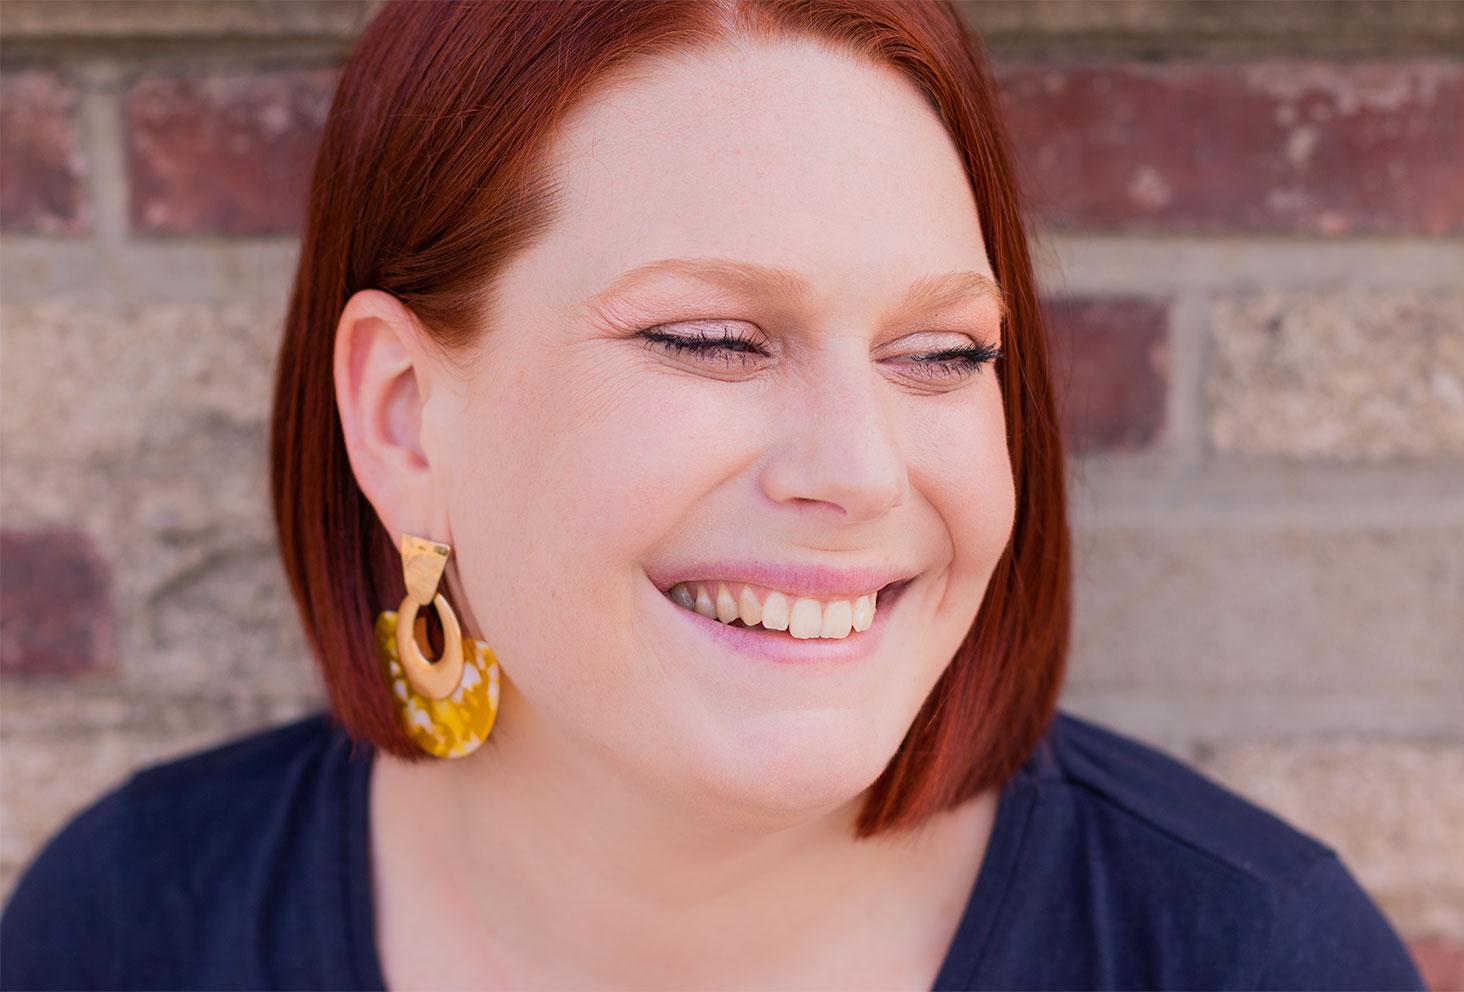 Photo portrait de face, avec le sourire, des boucles d'oreilles jaunes et dorées aux oreilles